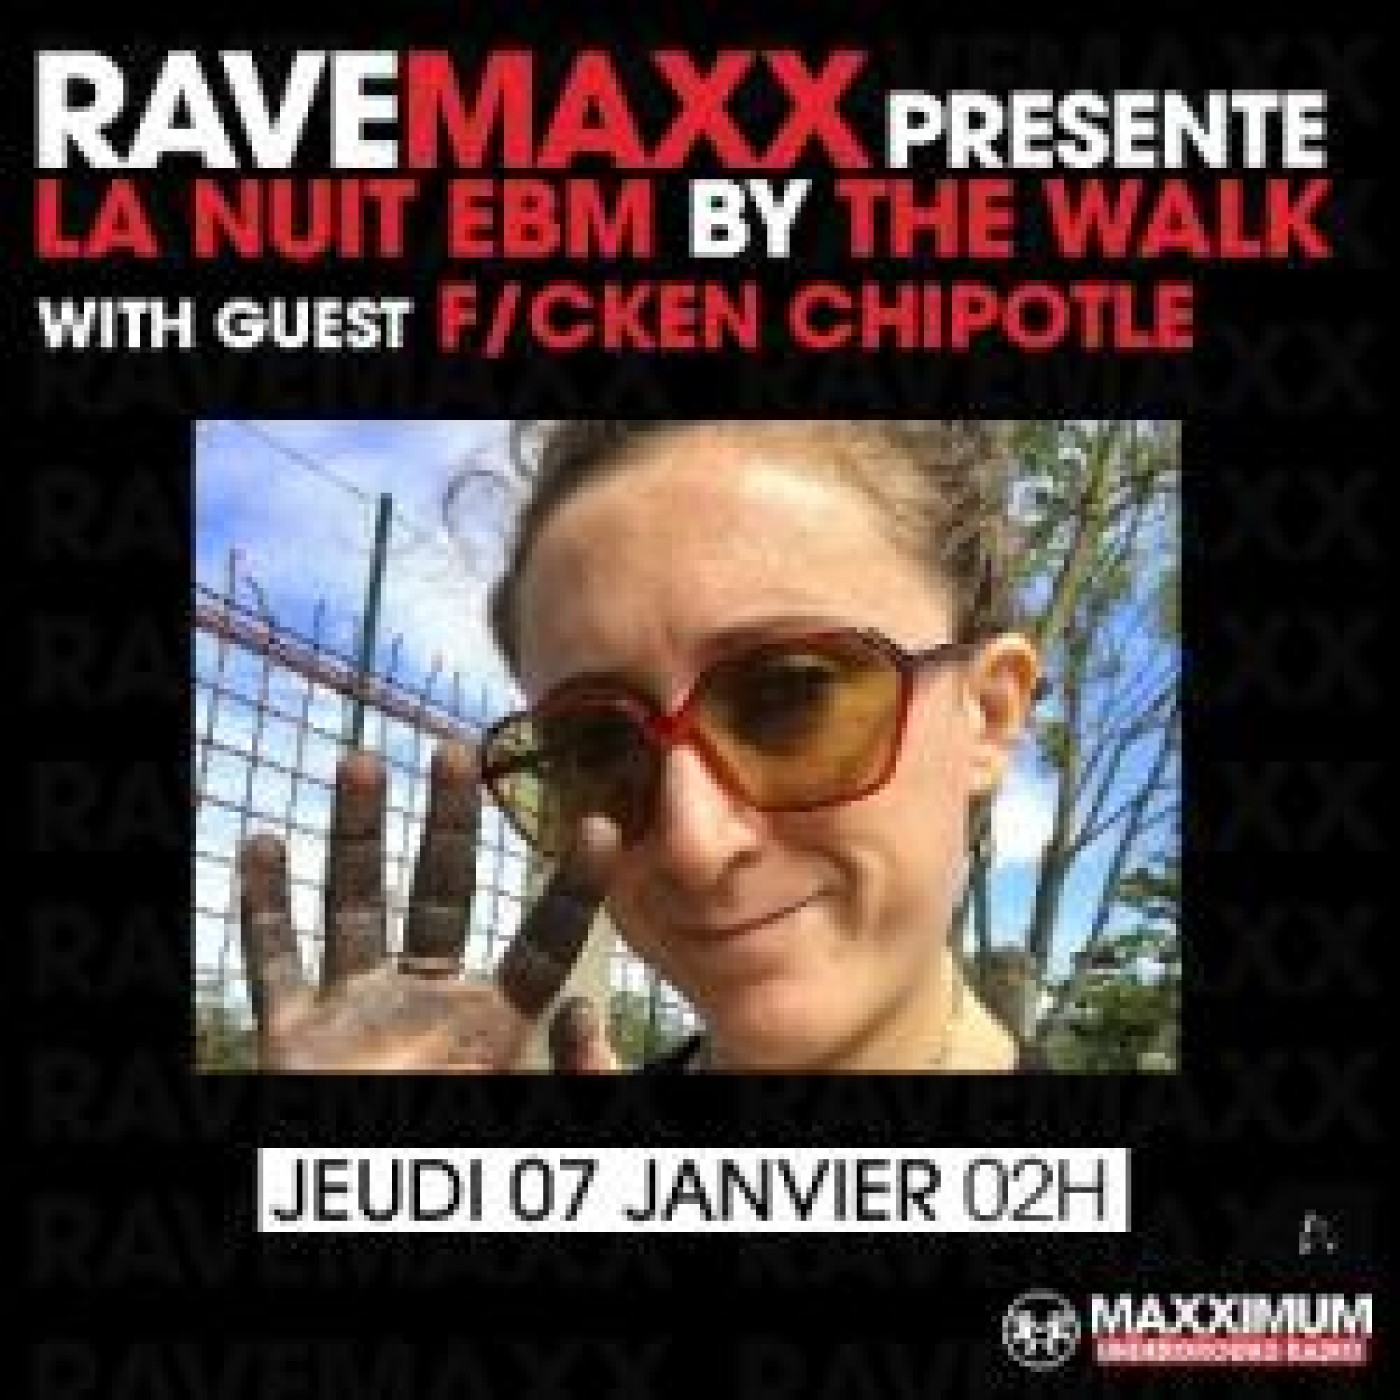 RAVEMAXX : F/CKEN CHIPOTLE